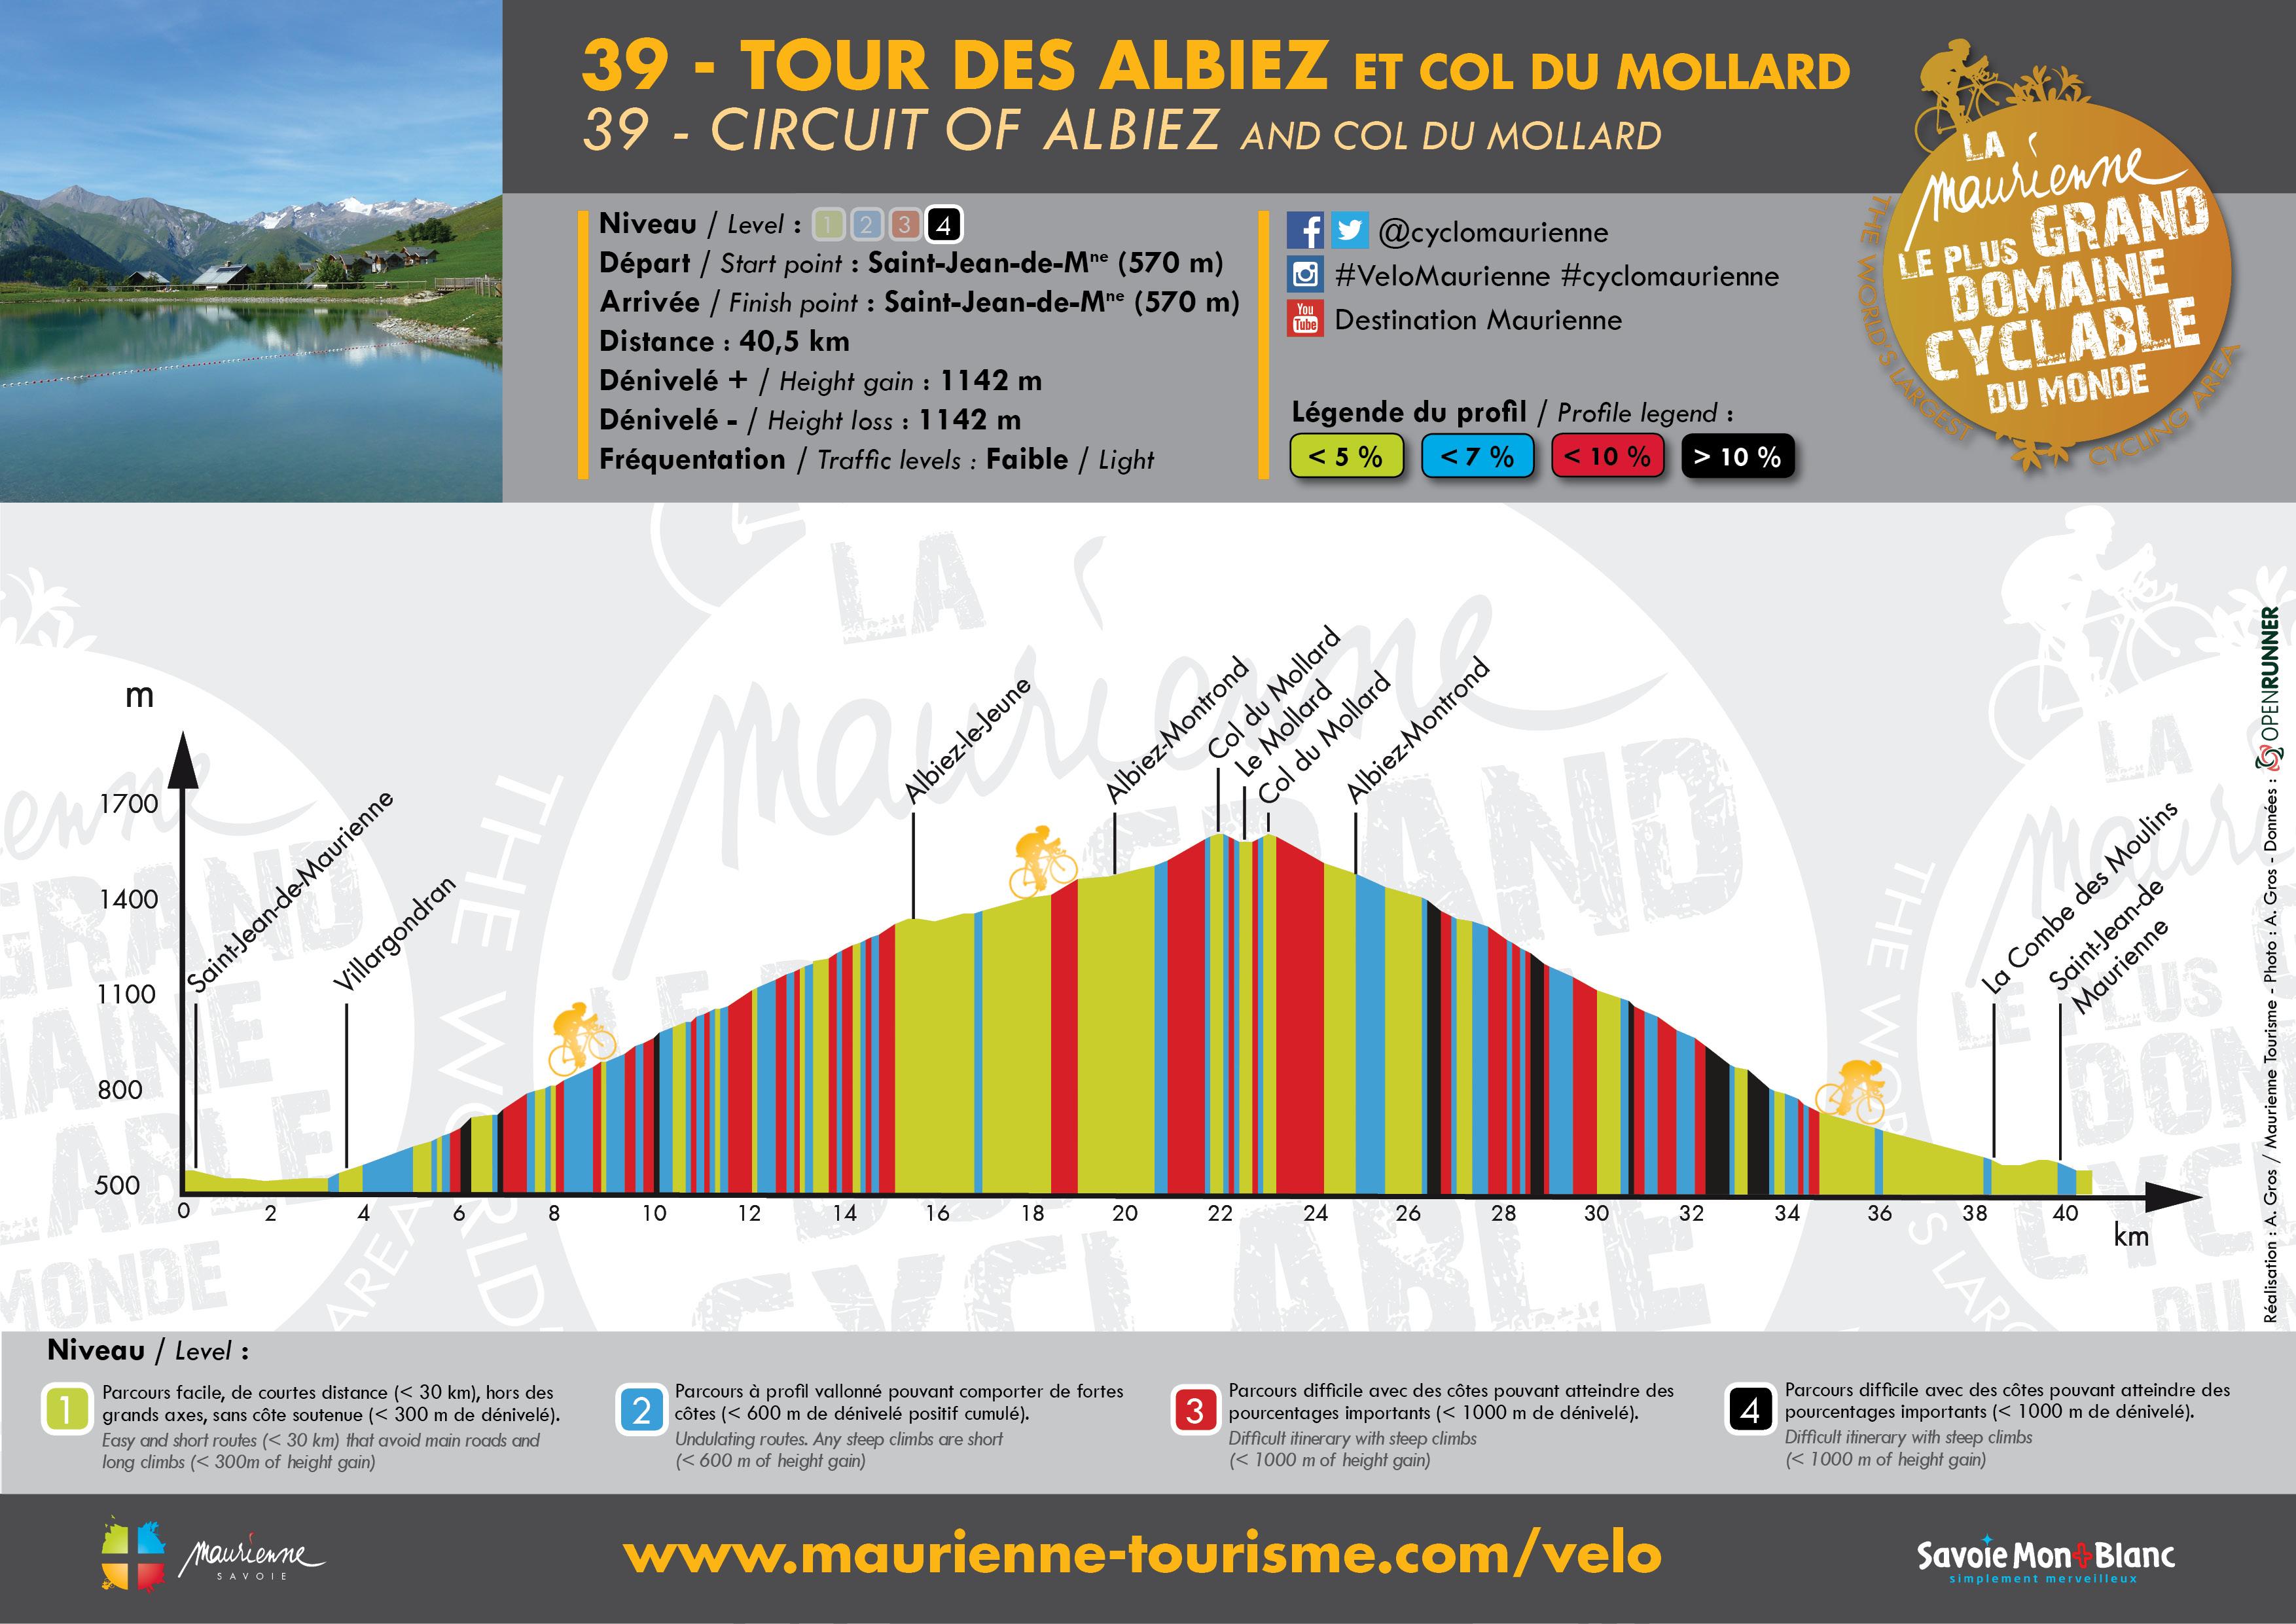 39 tour des albiez saint jean de maurienne - Office du tourisme saint jean de maurienne ...